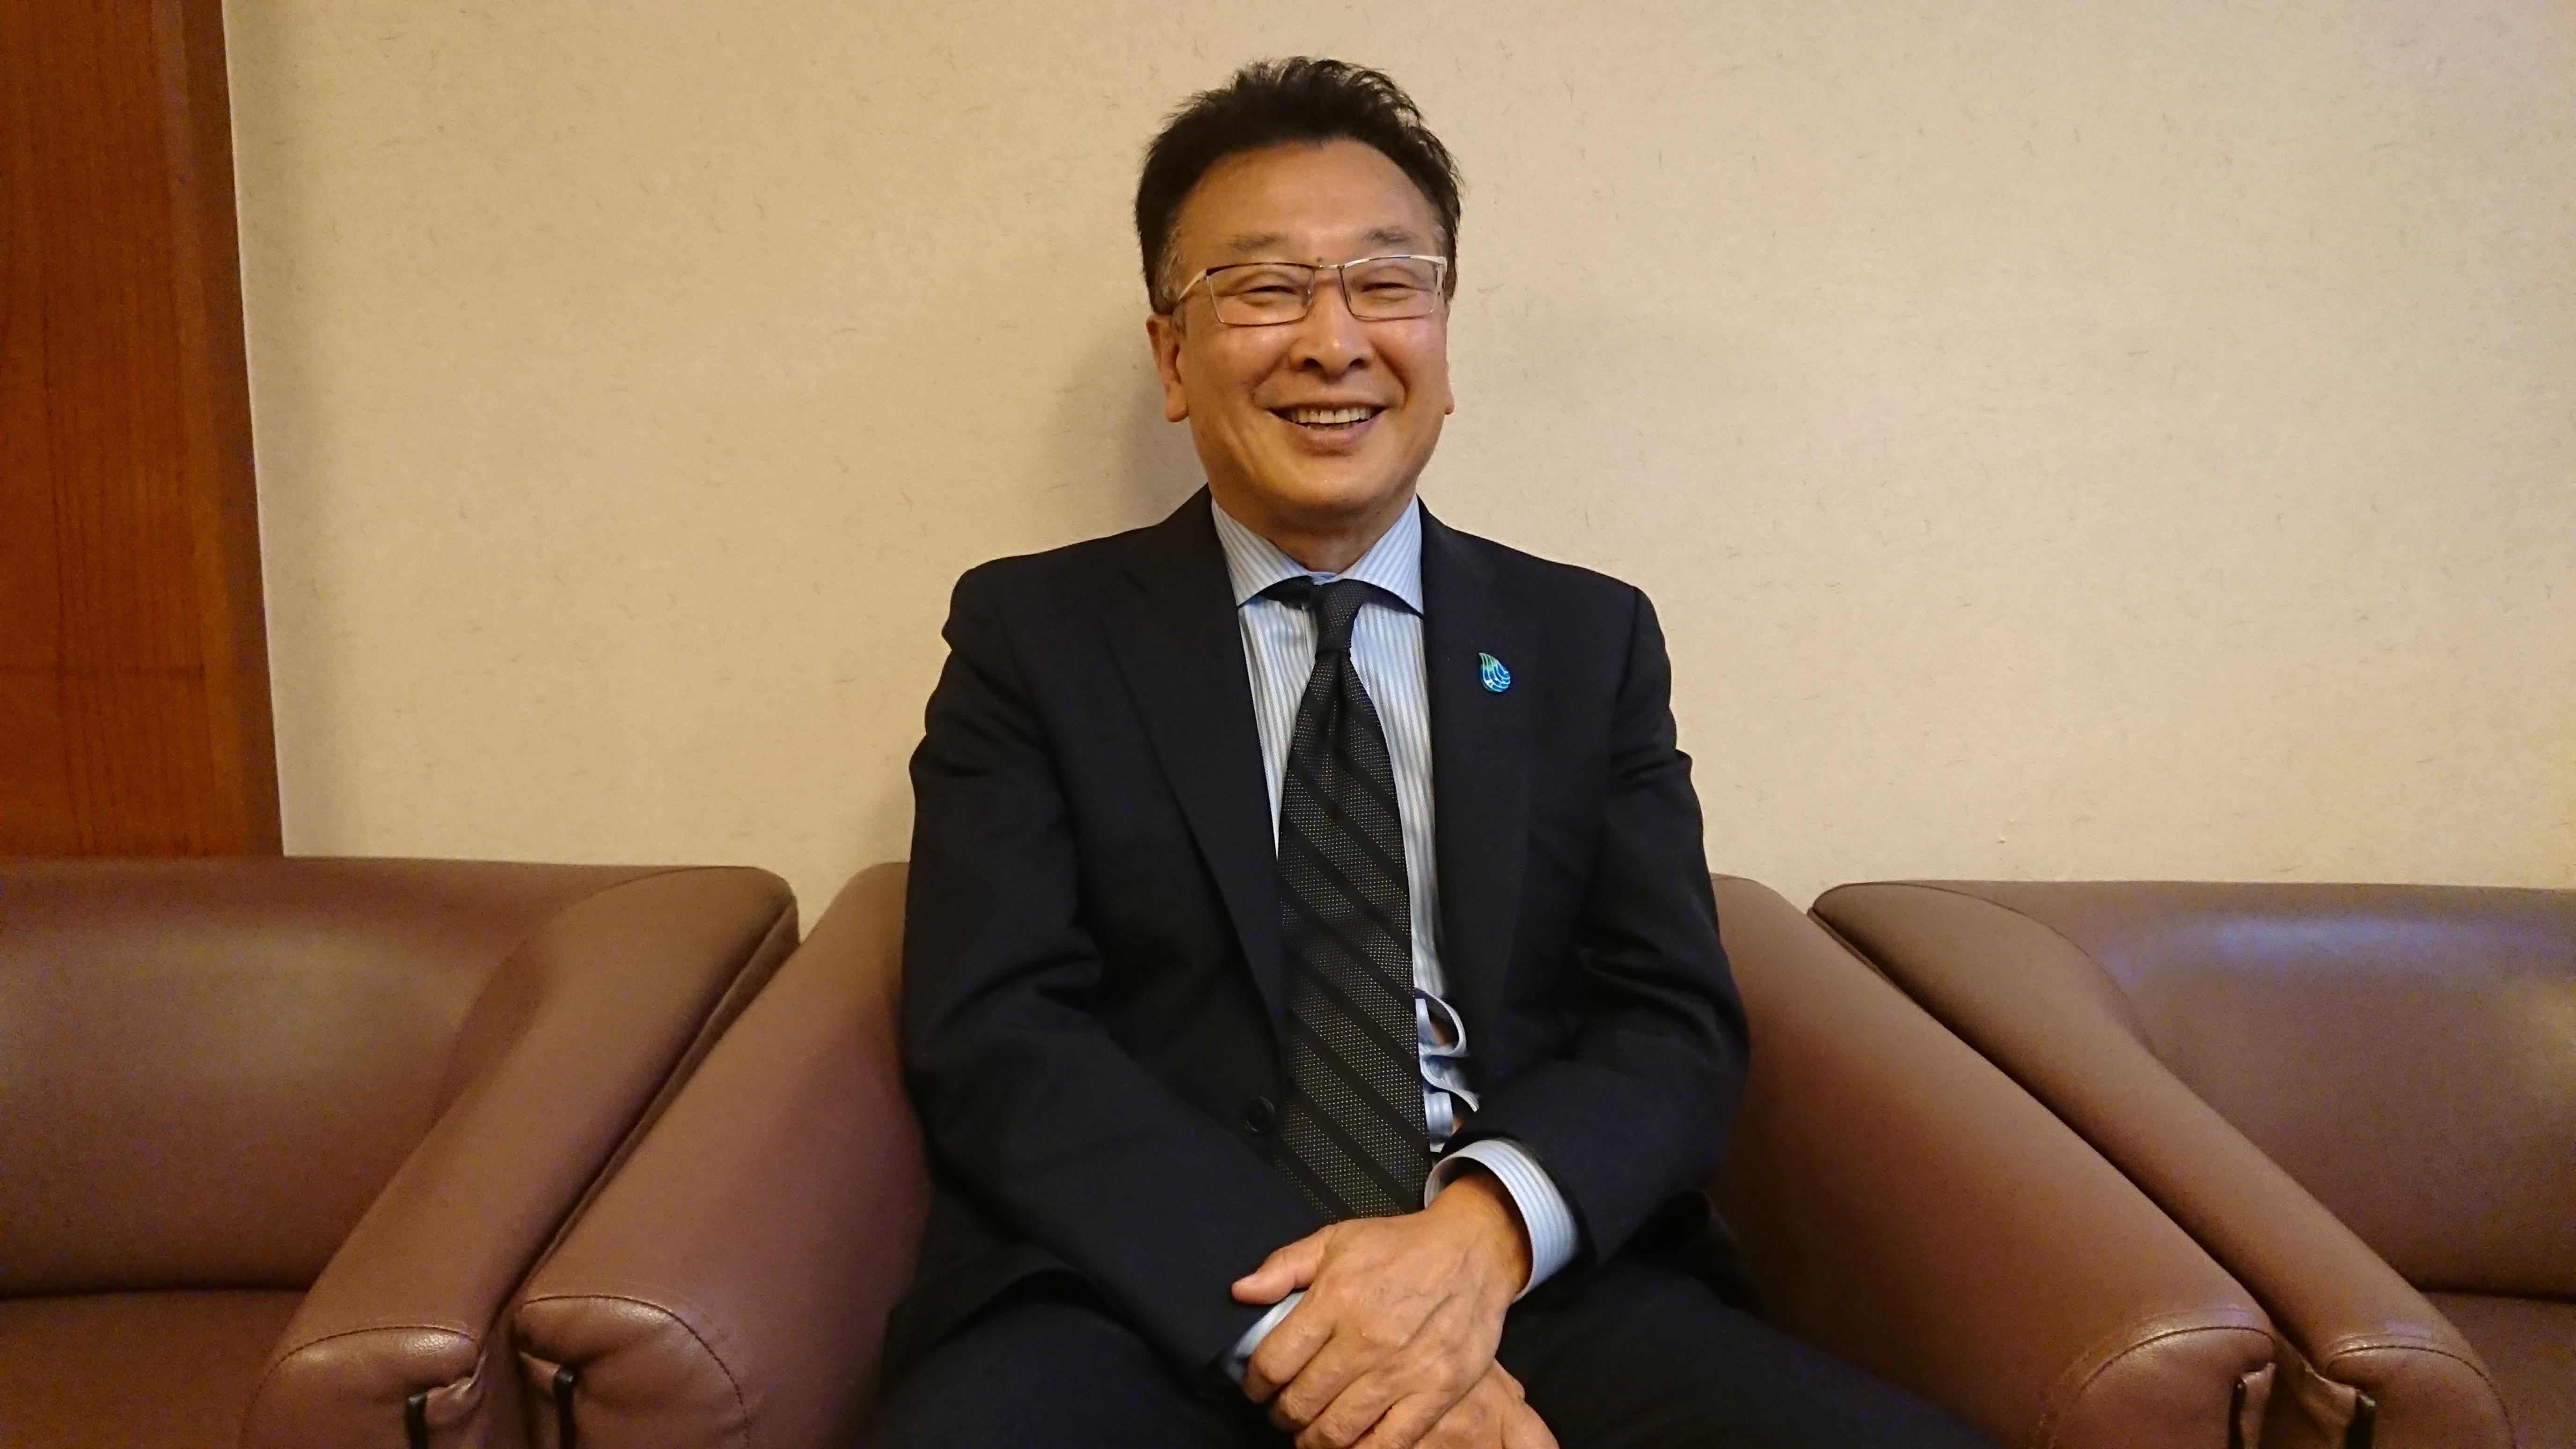 性善説に基づいた経営で地域を引っ張る 恵那市観光協会会長の阿部伸一郎さん